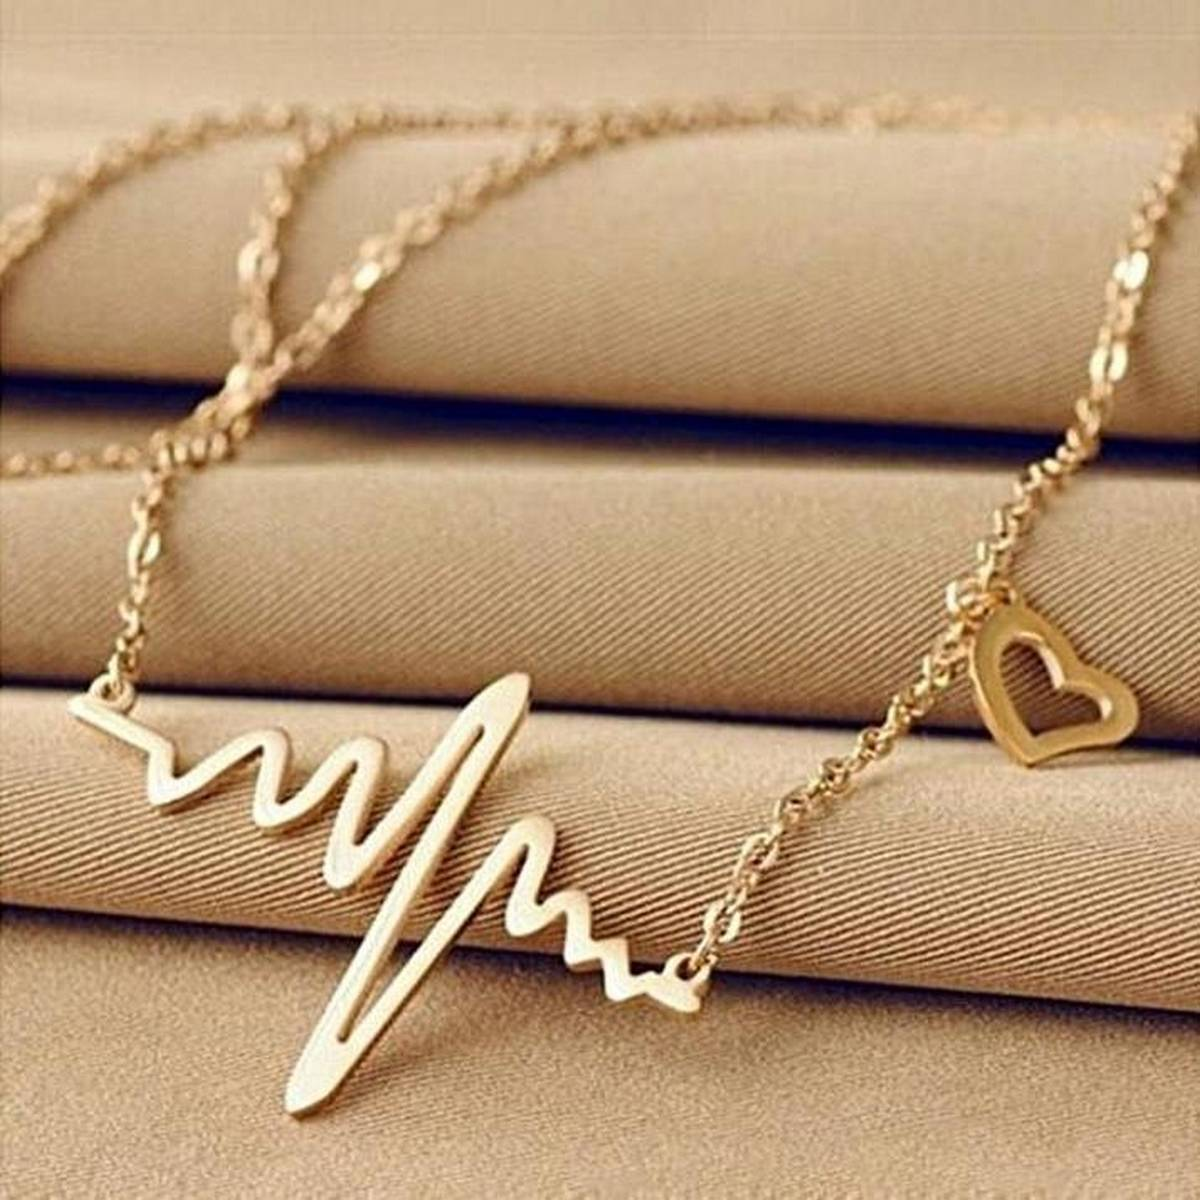 Golden Metal Ecg Heart Beat Wave Necklace Pendant For Women